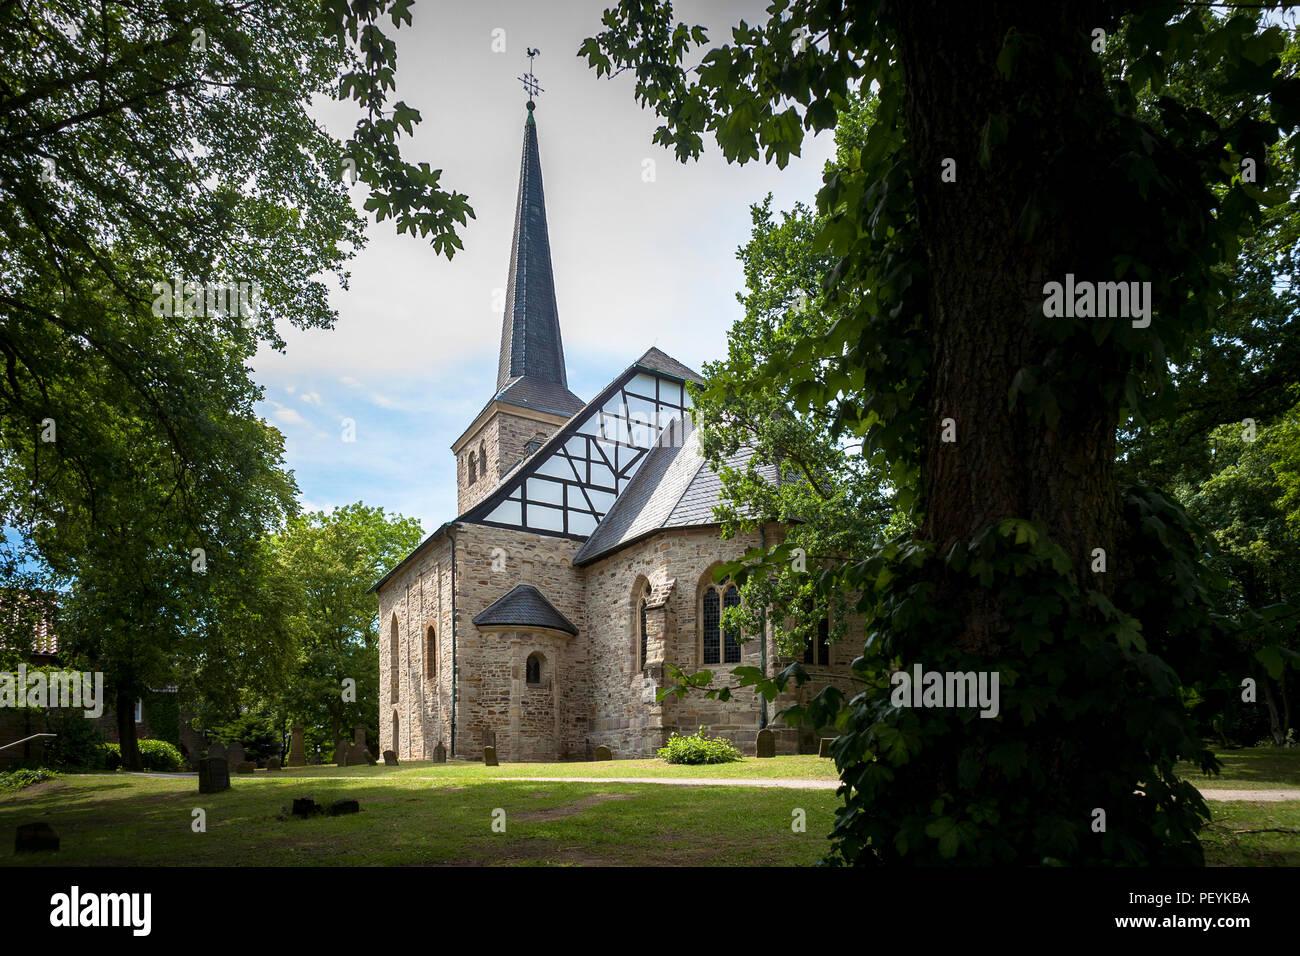 La iglesia en Bochum-Stiepel, el edificio más antiguo en el área de Ruhr, Bochum, Alemania. Morir Dorfkirche en Bochum-Stiepel, Bauwerk Bochu aeltestes der Stadt Foto de stock